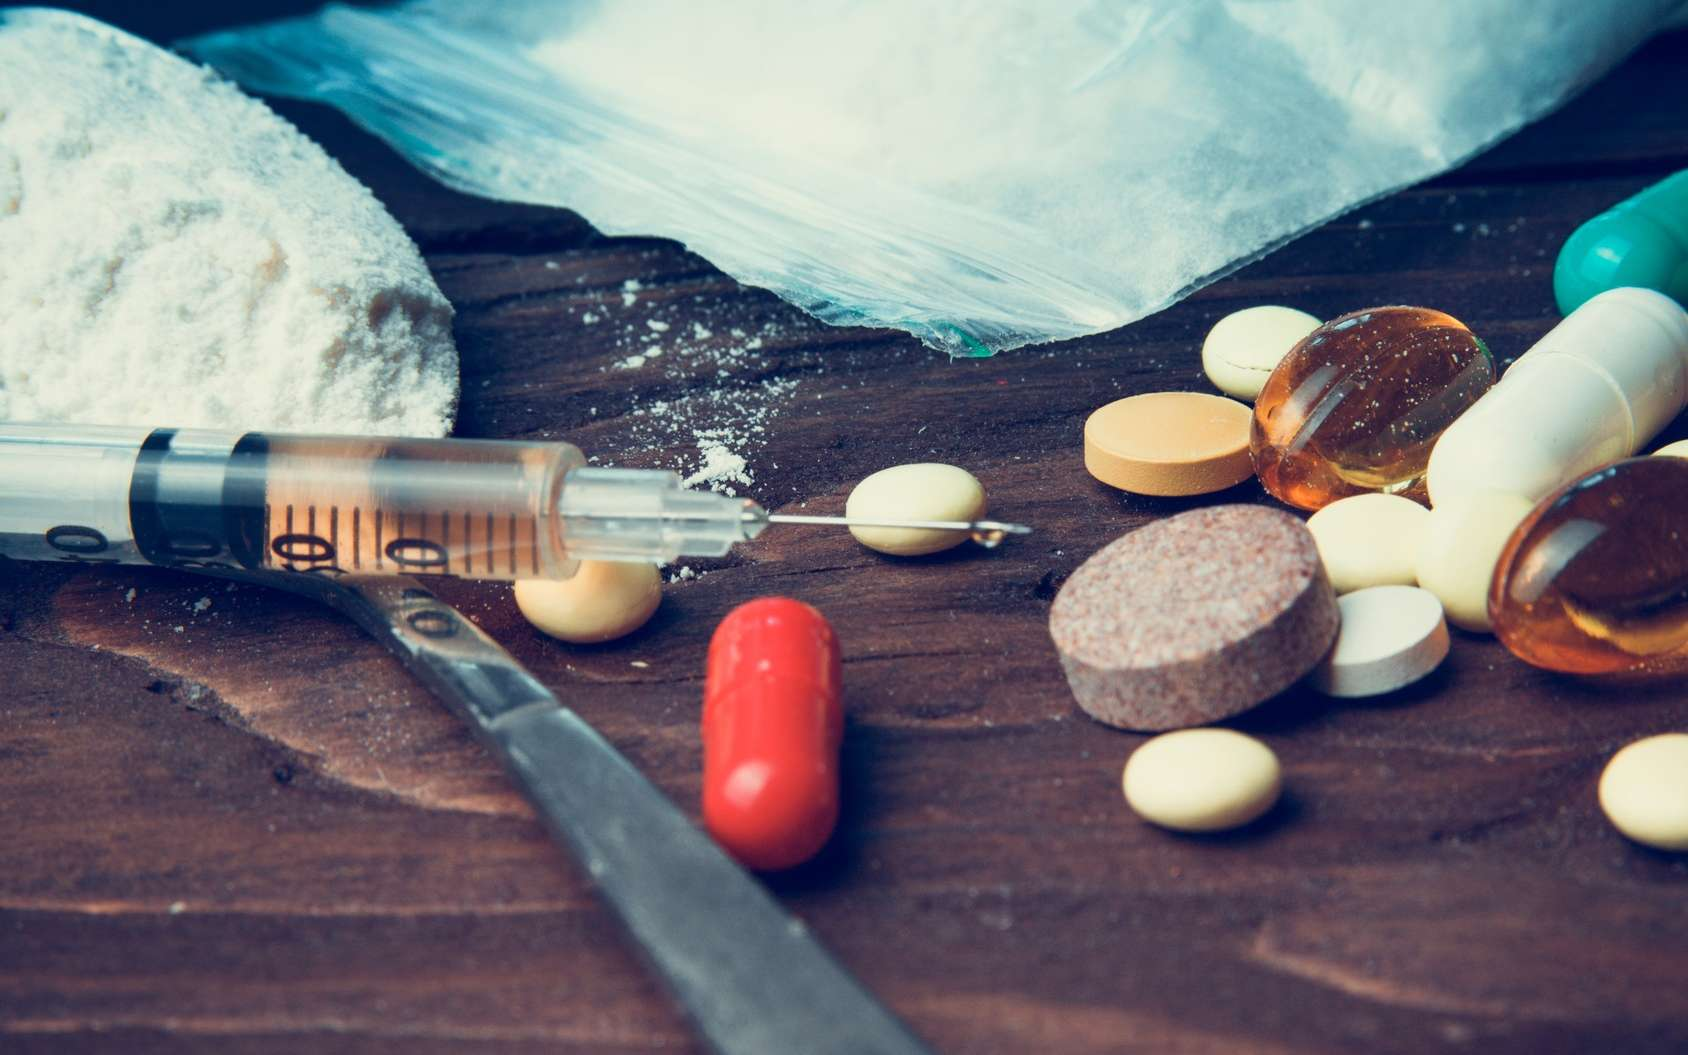 Pourquoi certaines personnes basculent-elles vers une consommation compulsive de drogues et pas d'autres ? © Stanislau_V, Fotolia